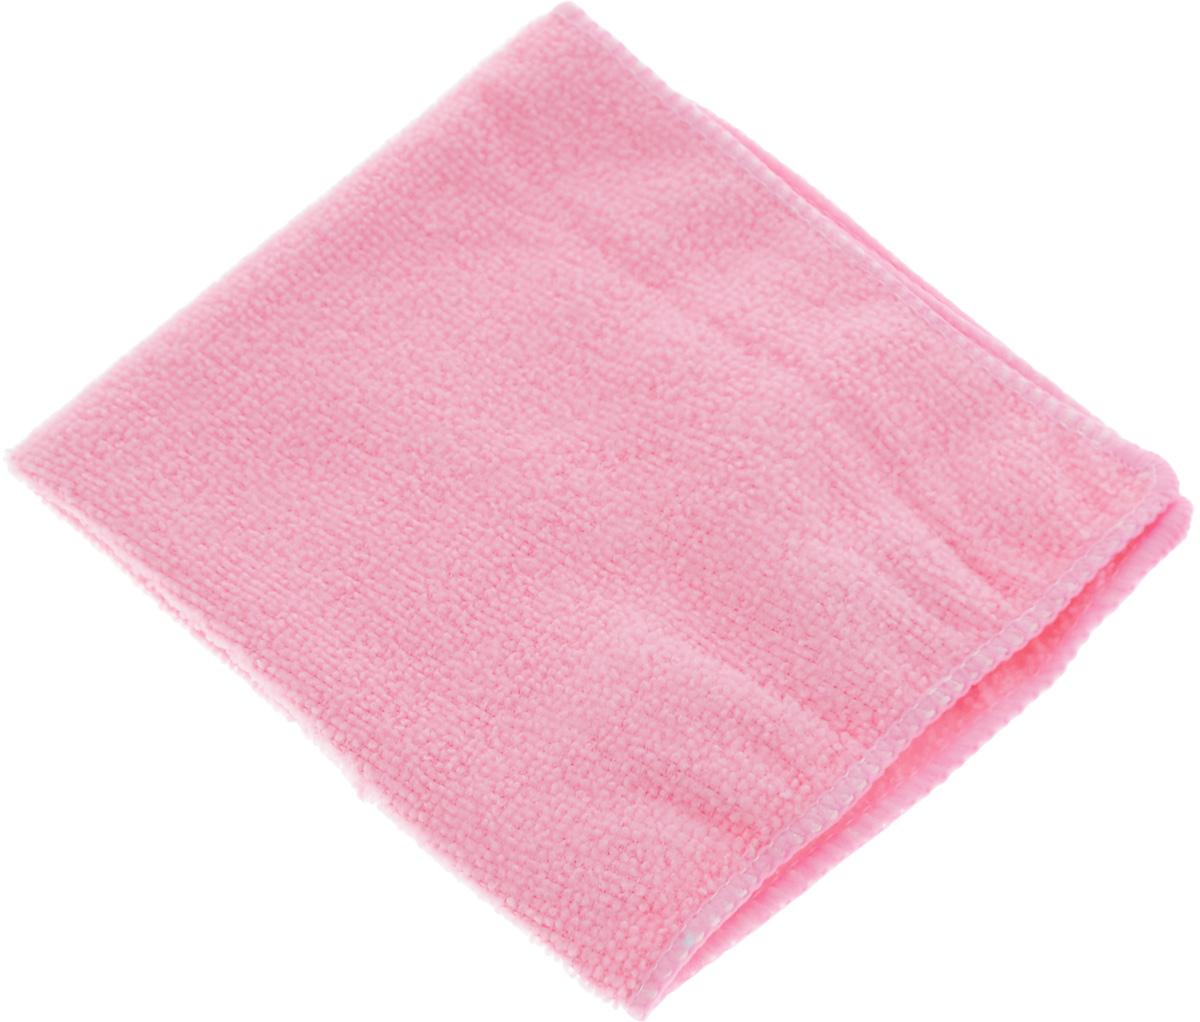 Салфетка для уборки Youll love, цвет: розовый, 30 х 30 смRC-100BPCСалфетка Youll love, изготовленная из микрофибры (100% полиэфир), предназначена для очищения загрязнений на любых поверхностях. Микрофибра - великолепная гипоаллергенная ткань из тончайших полимерных микроволокон. Многочисленные поры между микроволокнами, благодаря капиллярному эффекту, мгновенно впитывают воду, подобно губке. Любые капельки, остающиеся на очищаемой поверхности, очень быстро испаряются, и остается чистая дорожка без полос и разводов. В сухом виде при вытирании поверхности волокна микрофибры электризуются и притягивают к себе микробы, мельчайшие частицы пыли и грязи. Изделие обладает высокой износоустойчивостью и рассчитано на многократное использование, легко моется в теплой воде с мягкими чистящими средствами.